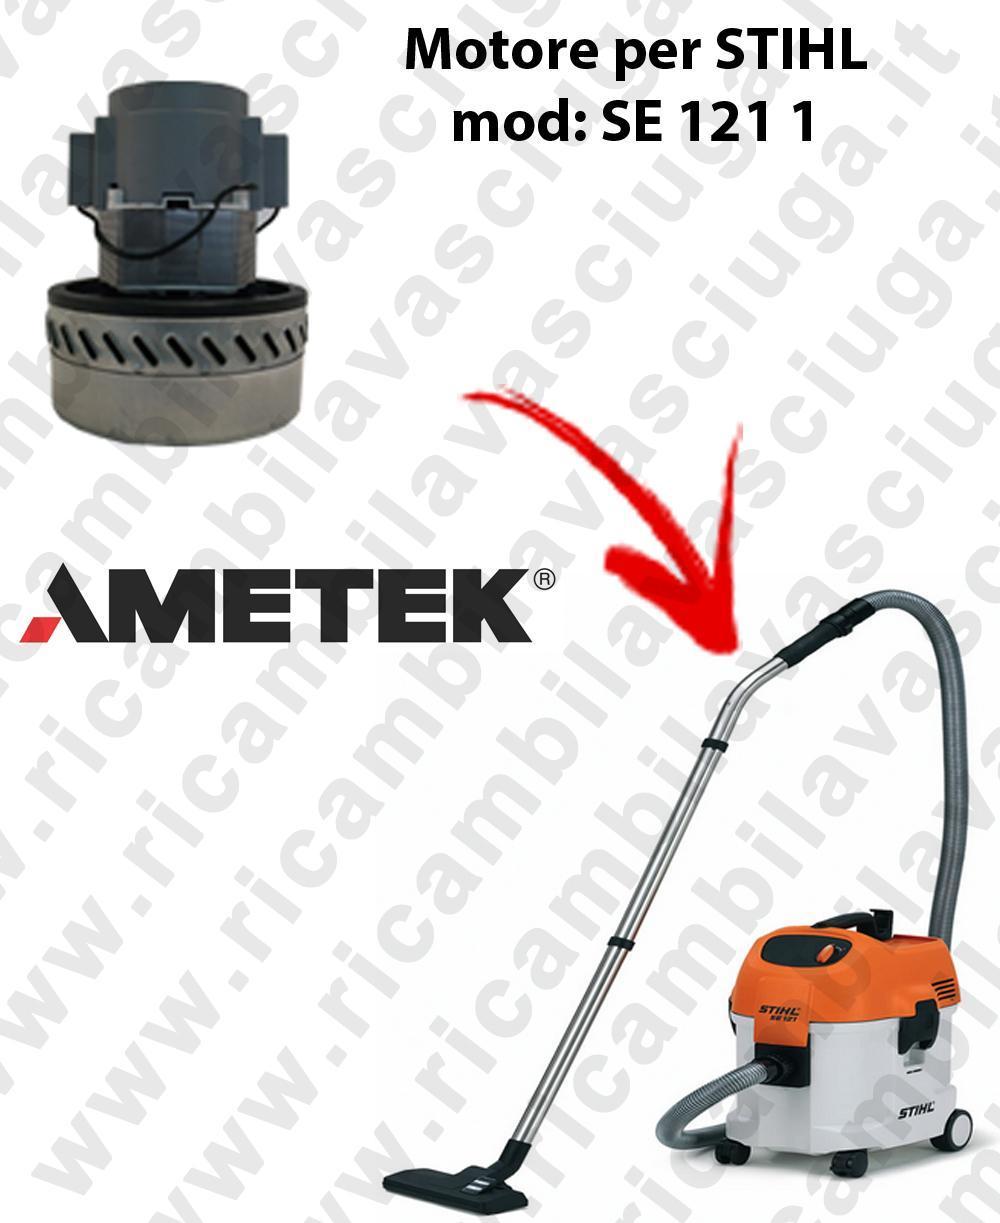 SE 121 1 MOTEUR ASPIRATION AMETEK  pour aspirateur STIHL